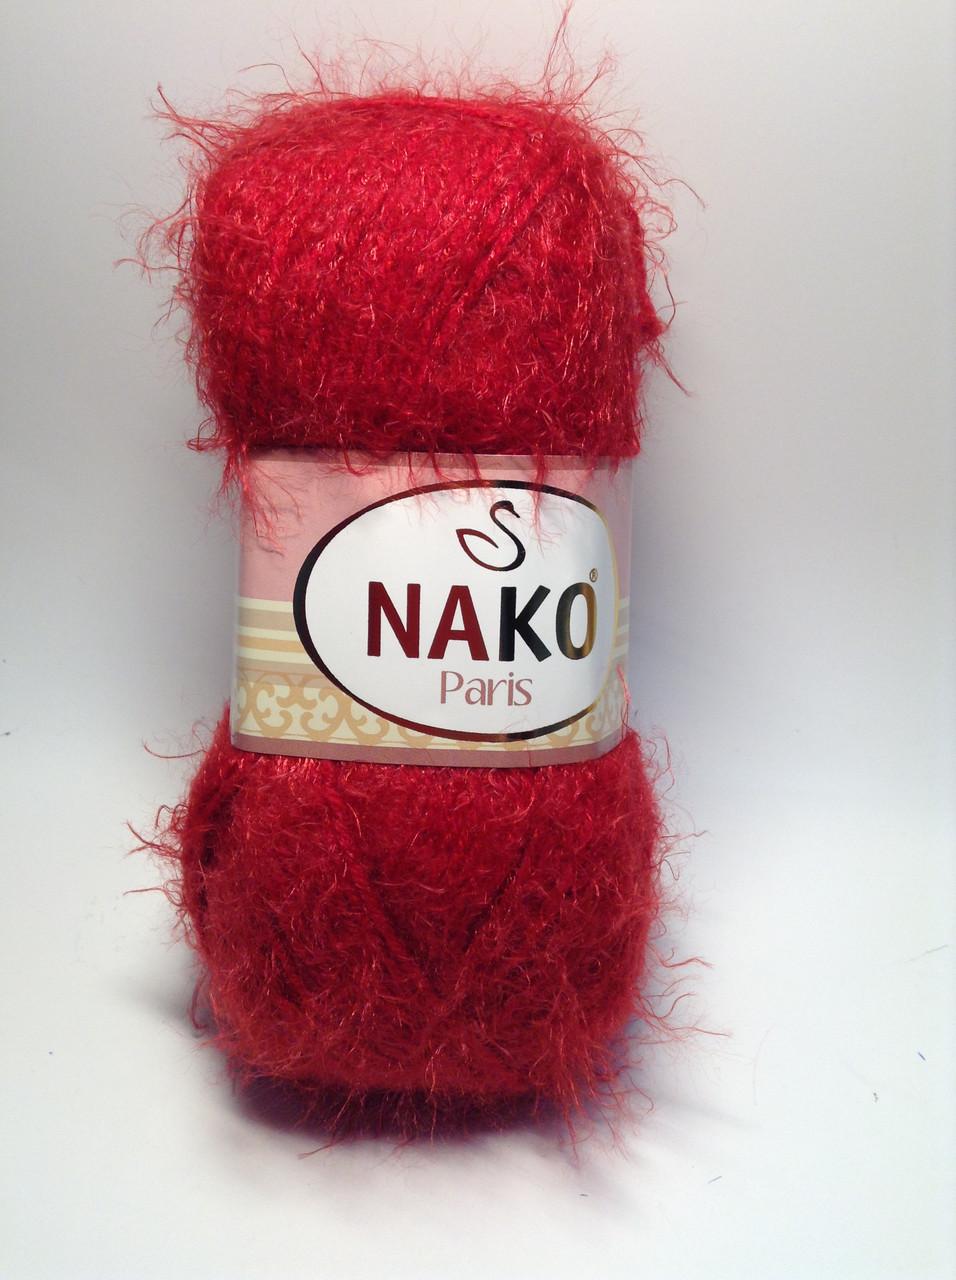 Пряжа nako paris - цвет оранжевый